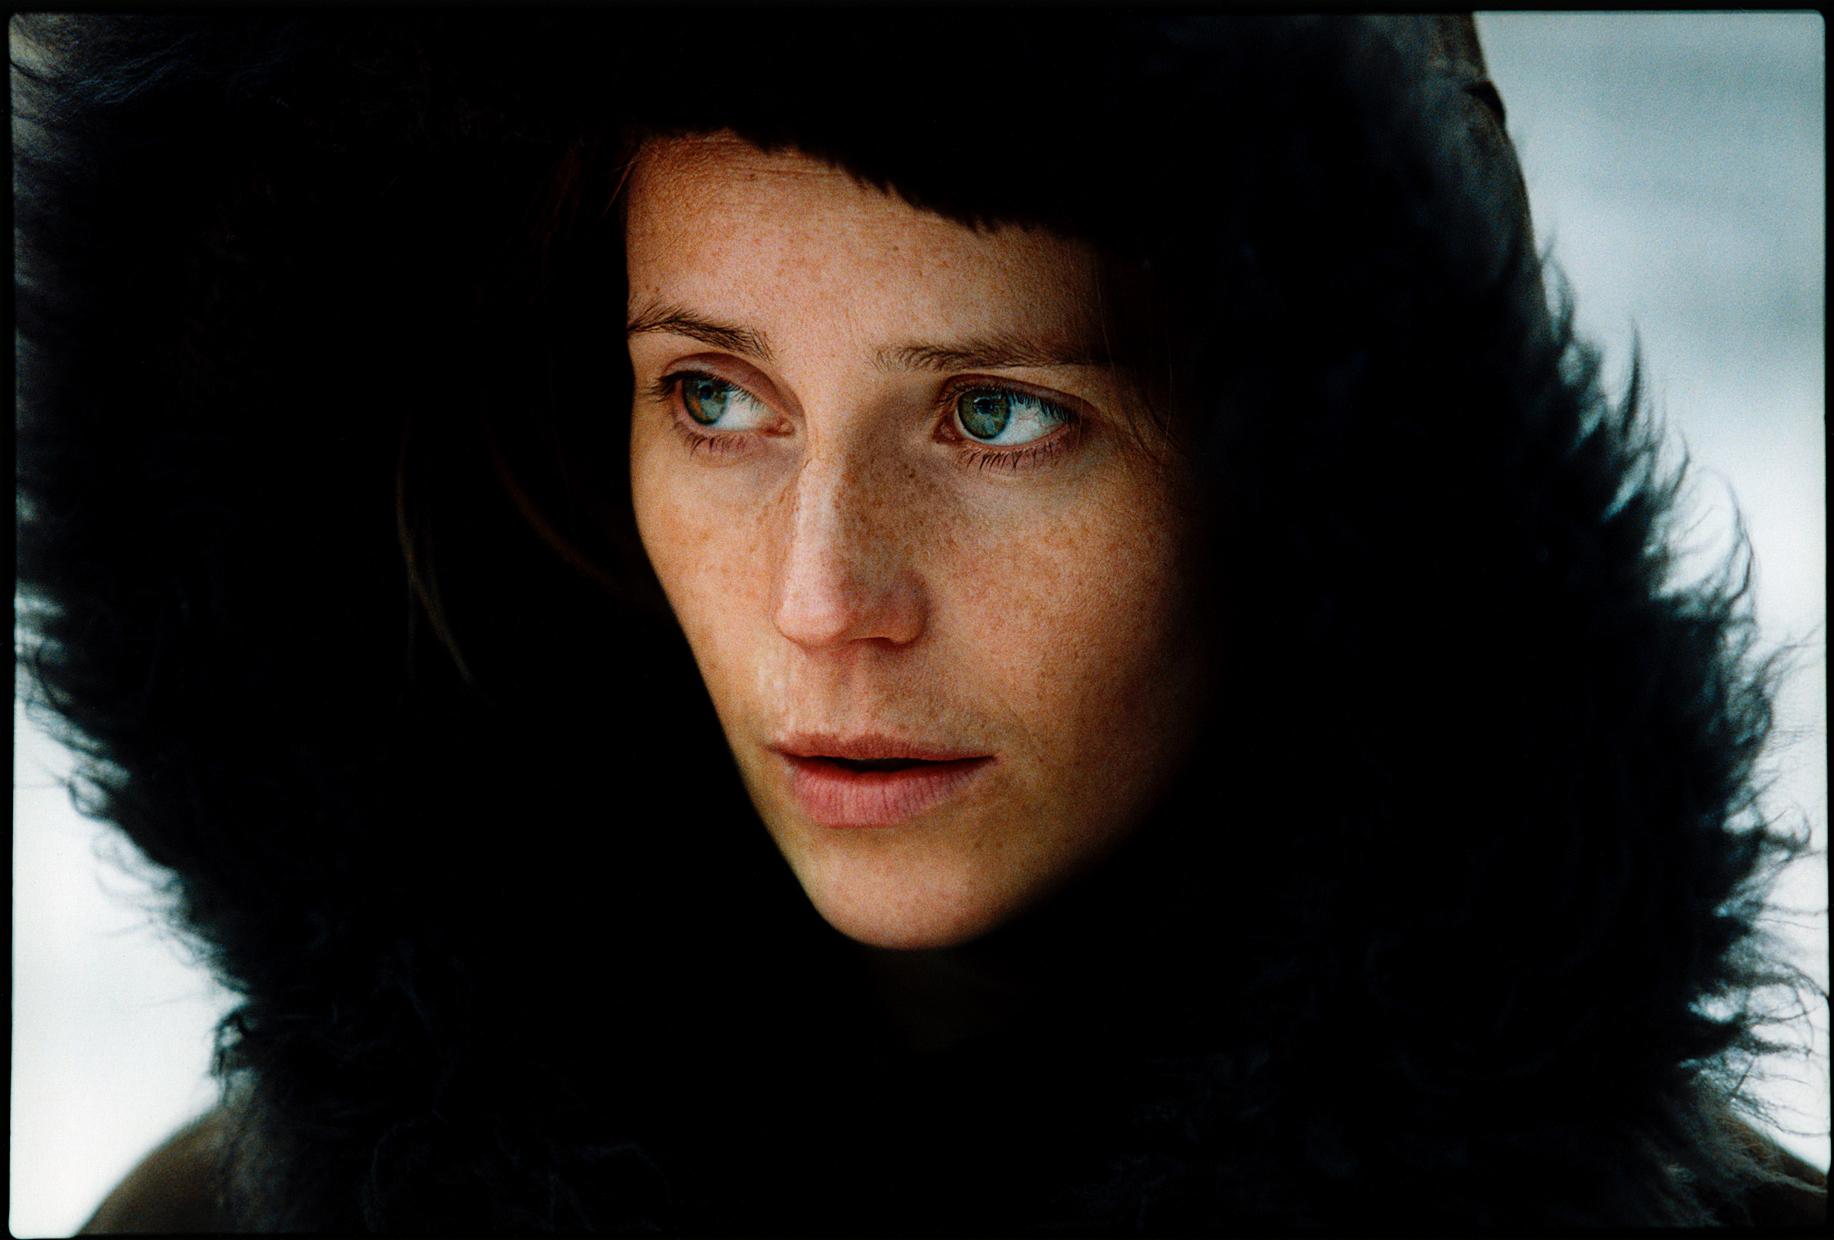 Sofia Helin in Masjävlar (2004)